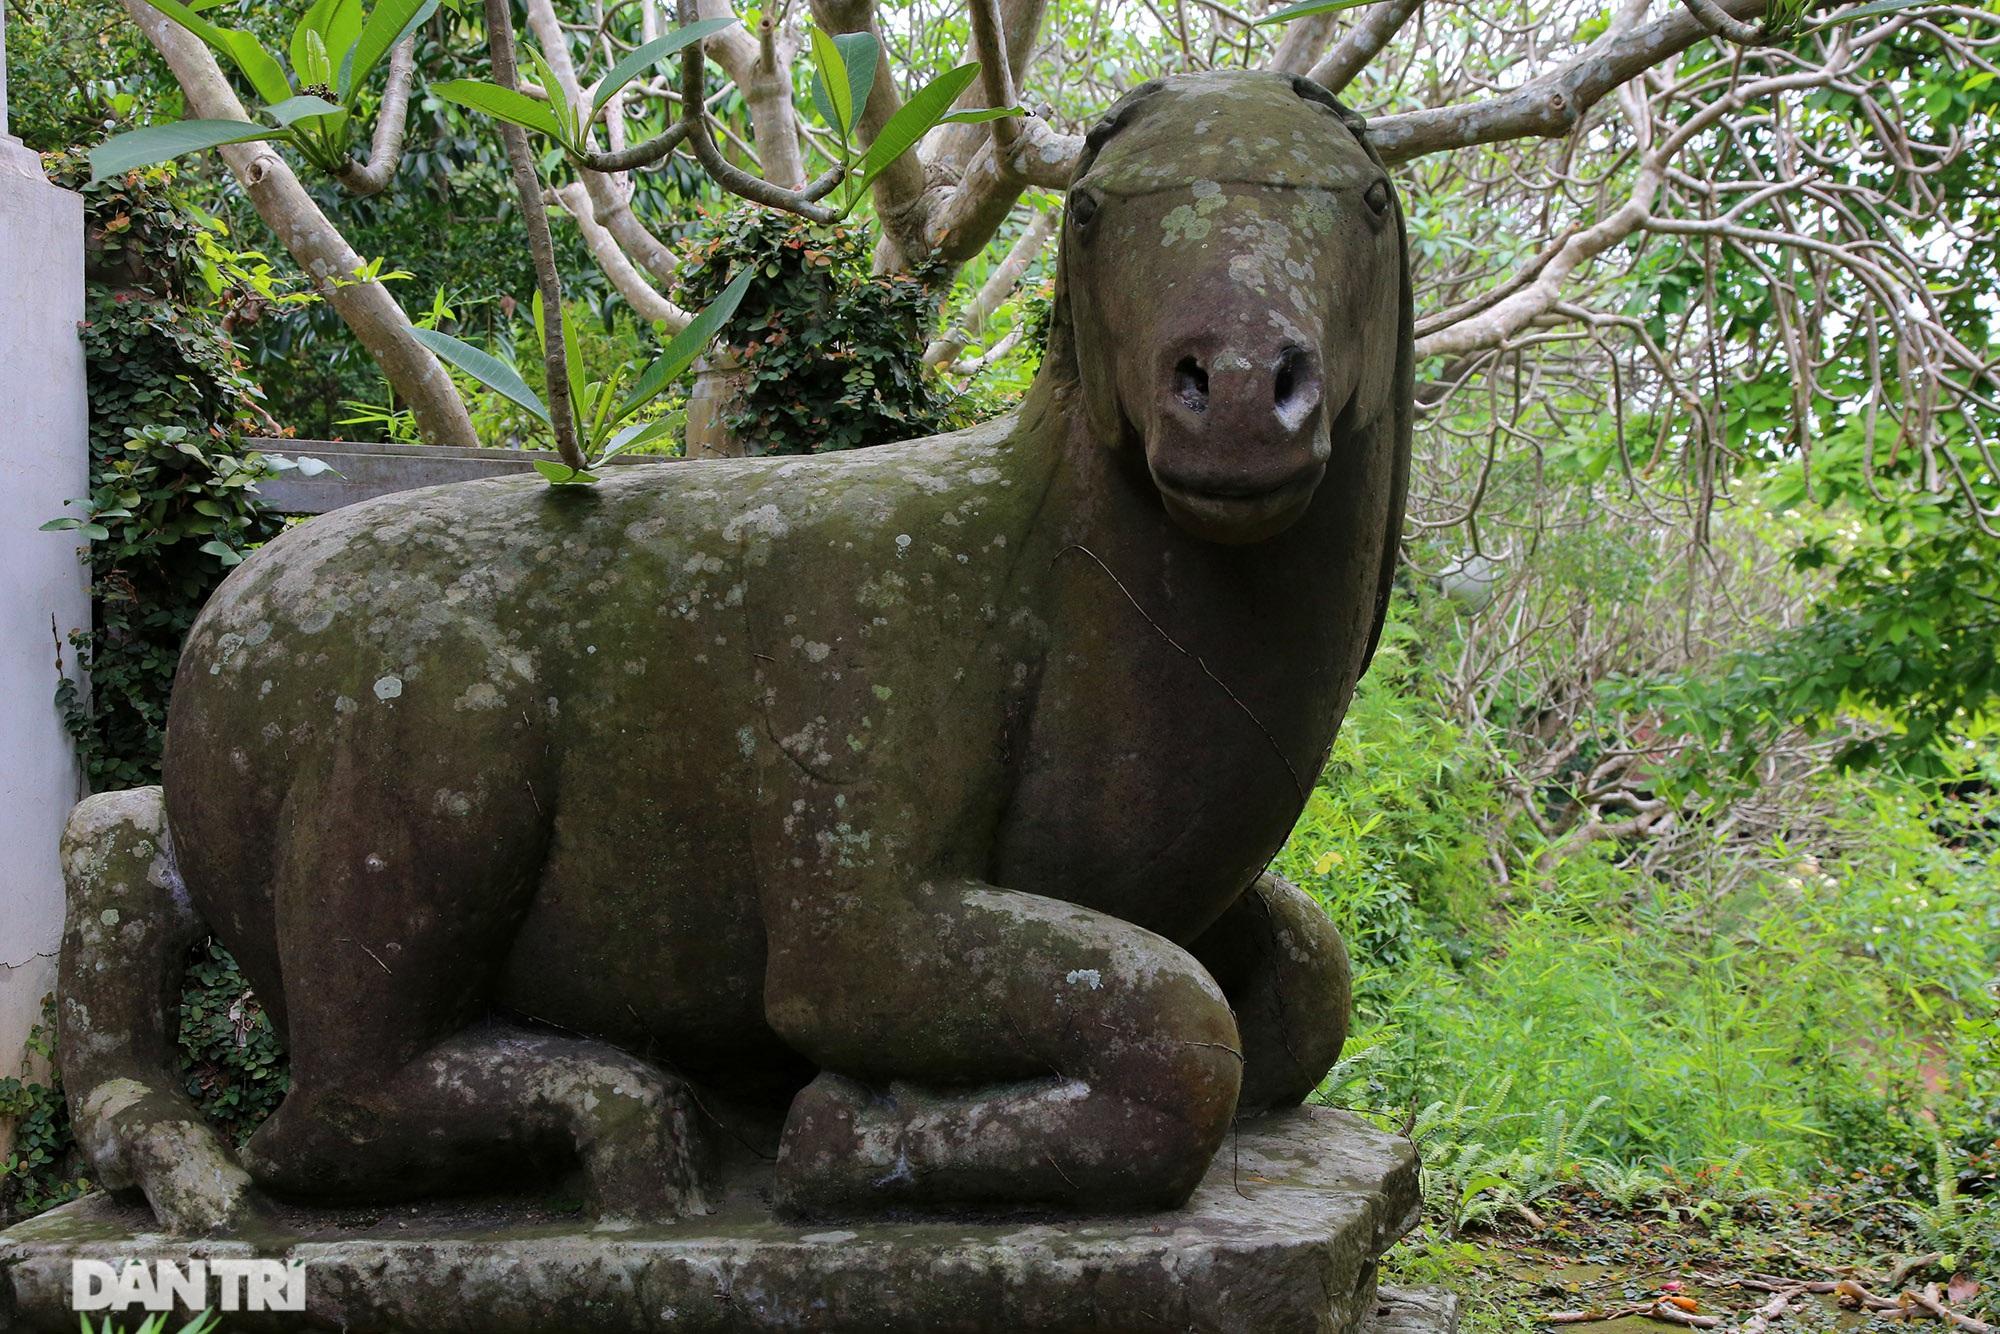 Kỳ lạ 10 linh thú đá nghìn năm tuổi canh gác chùa Phật Tích - 8